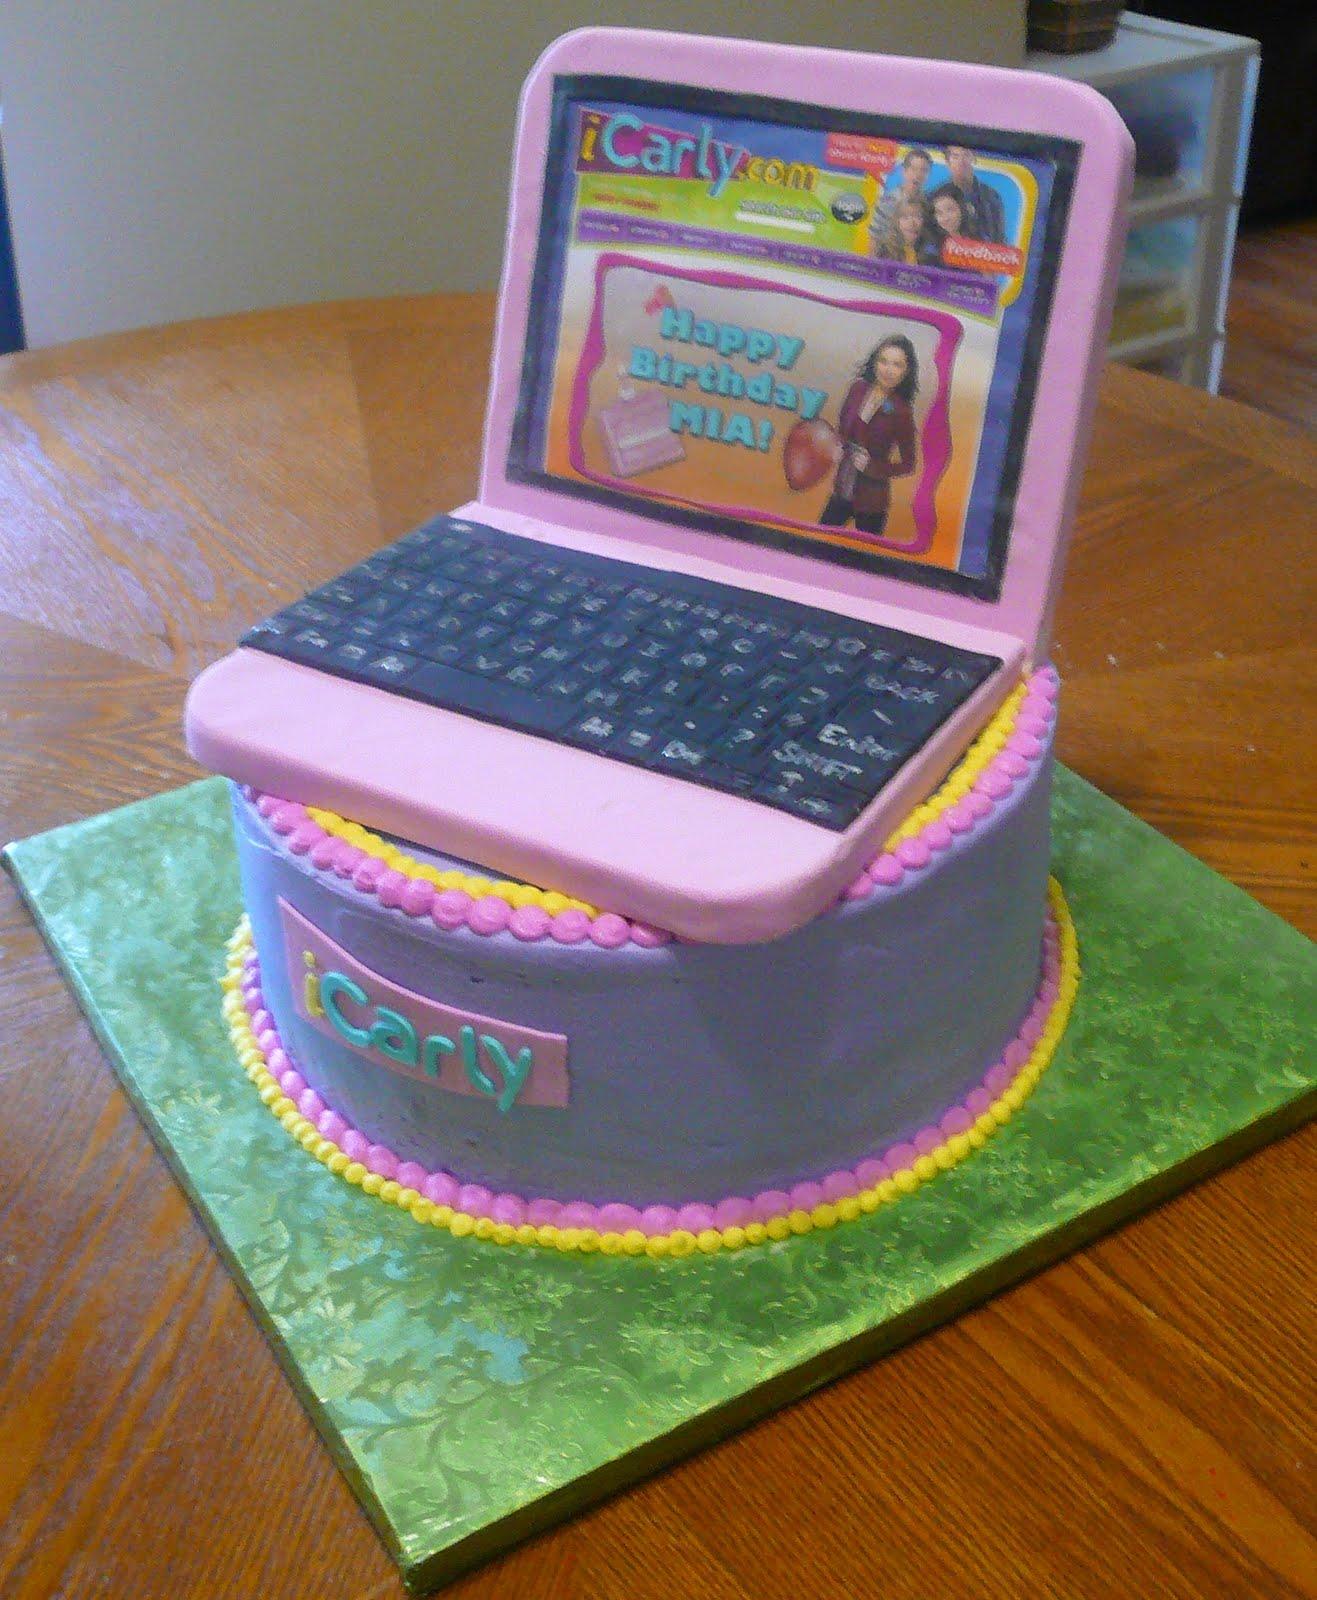 http://2.bp.blogspot.com/_ZBIi5Ka2WB0/TAsQx0NlnJI/AAAAAAAAABc/sRnkR_Ekqn4/s1600/icarly+cake.JPG